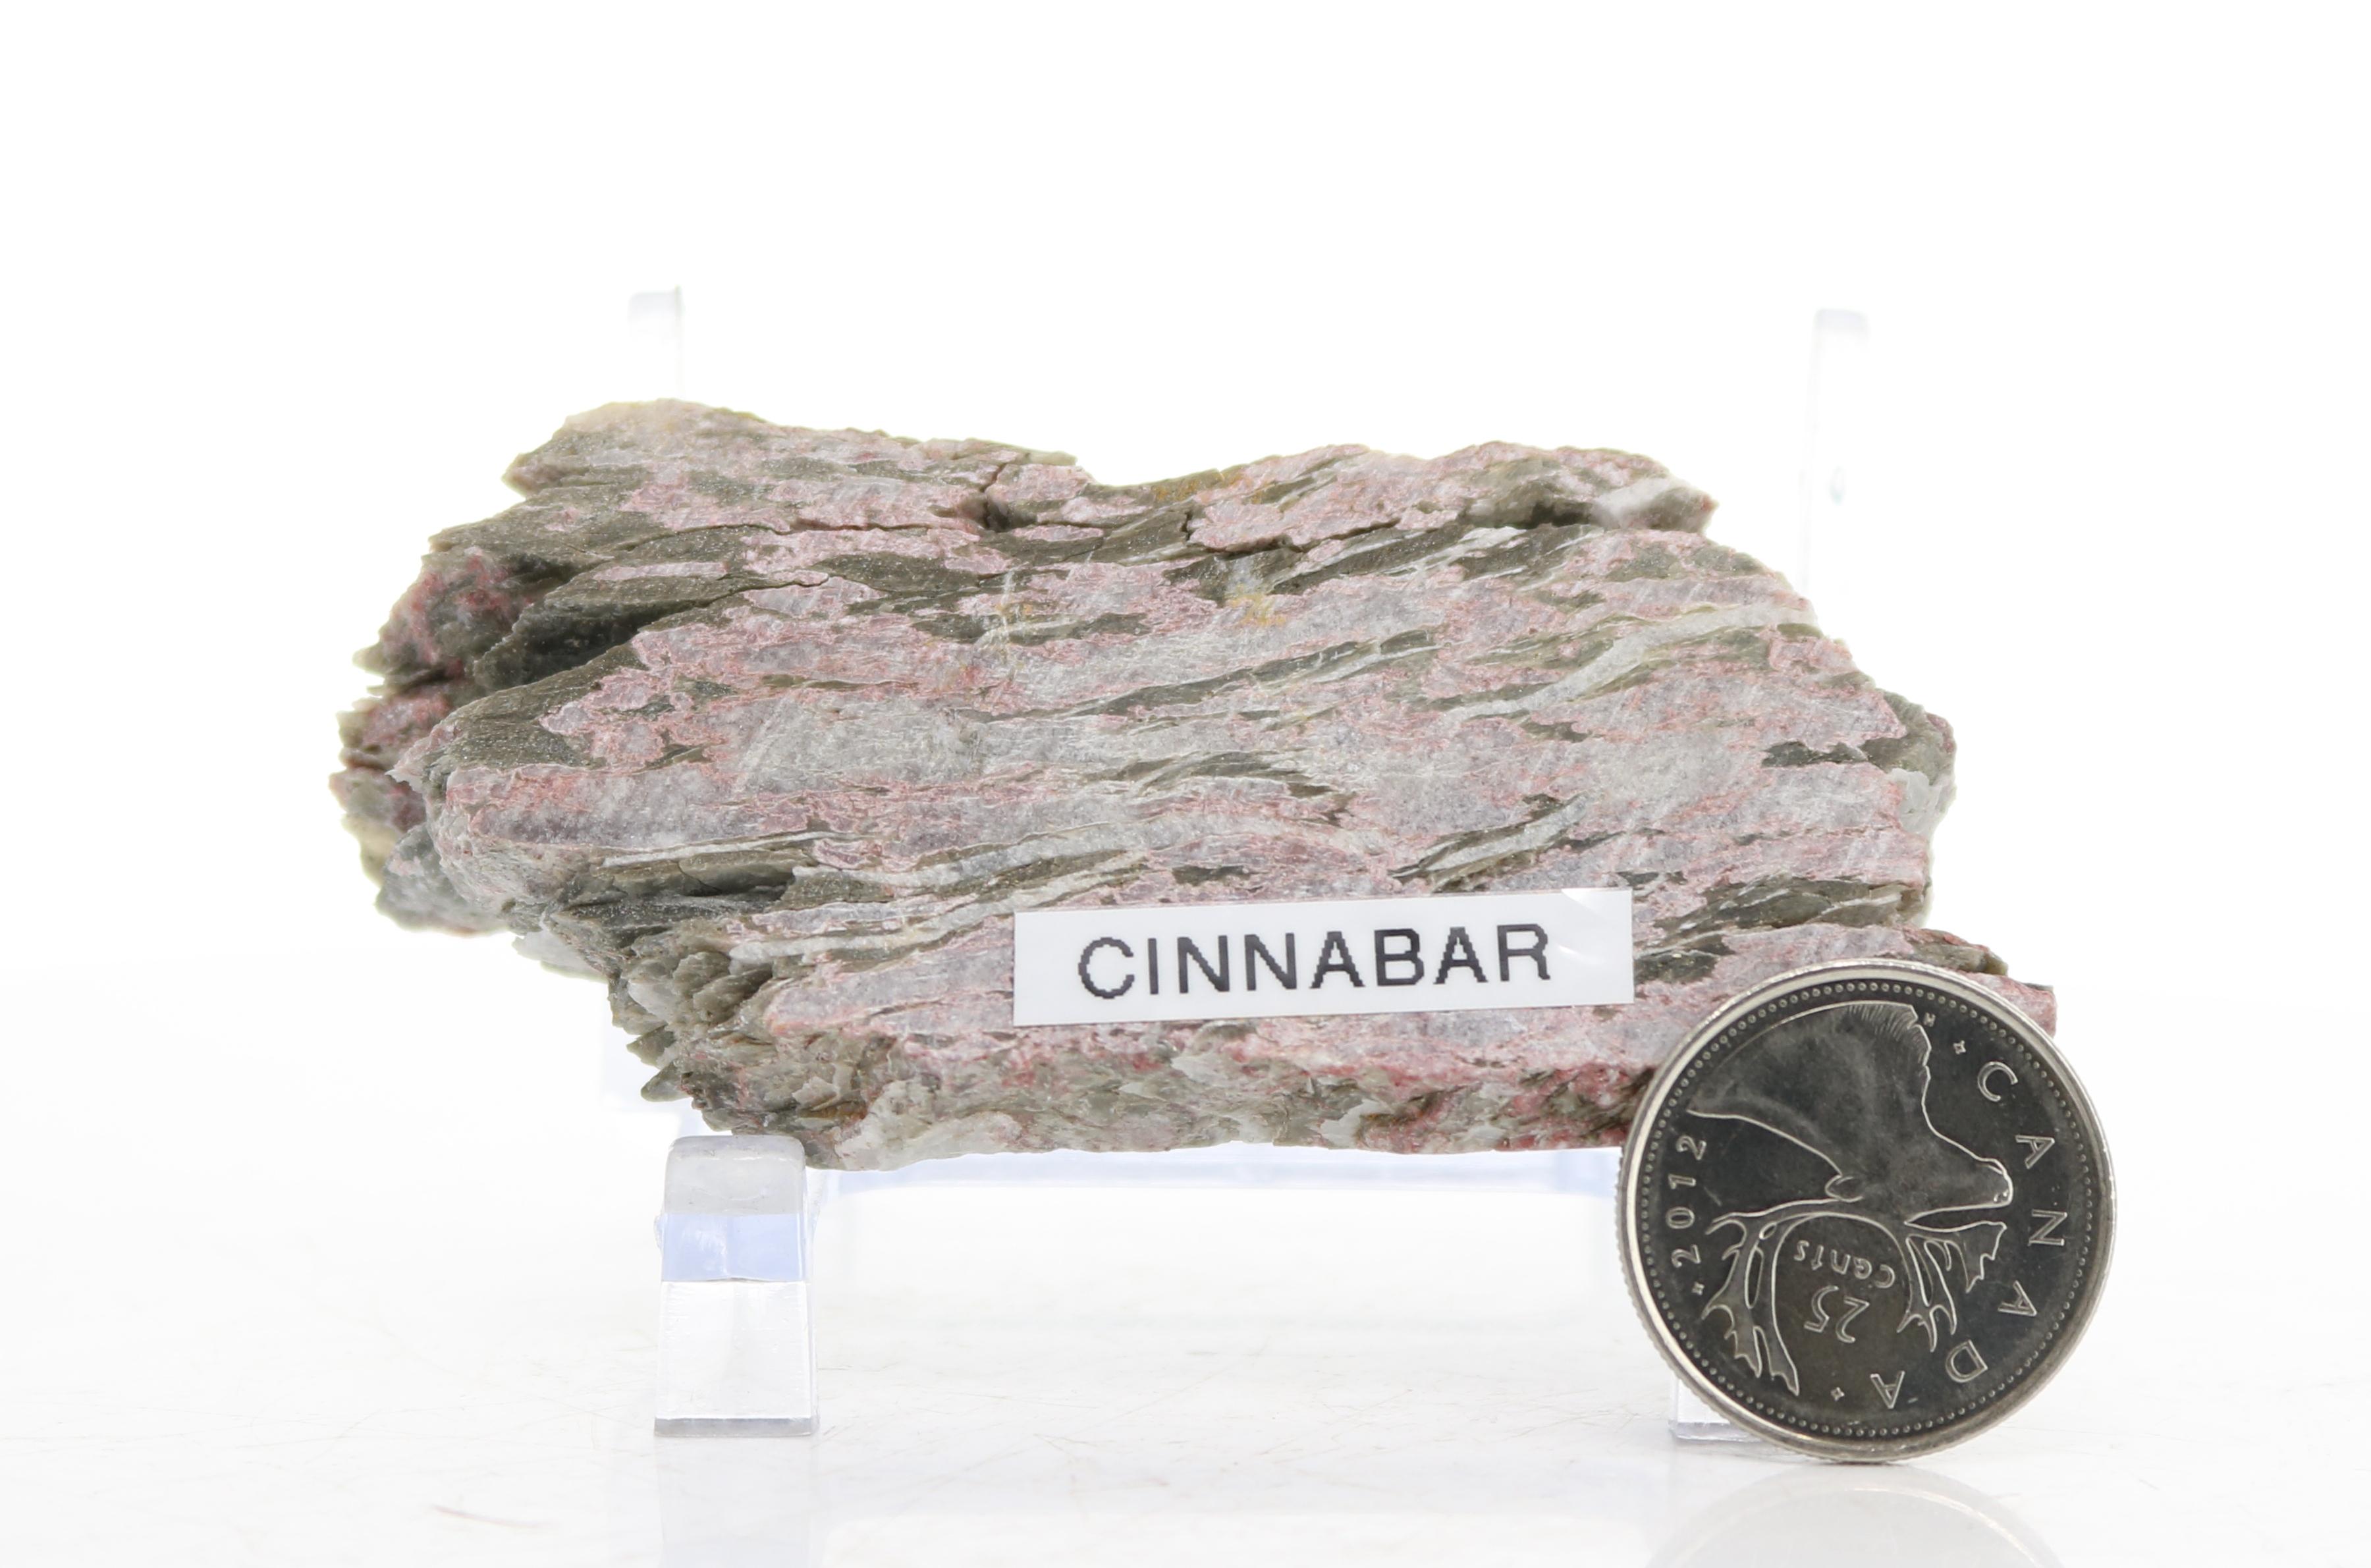 Cinnibar (MoM-006) Image